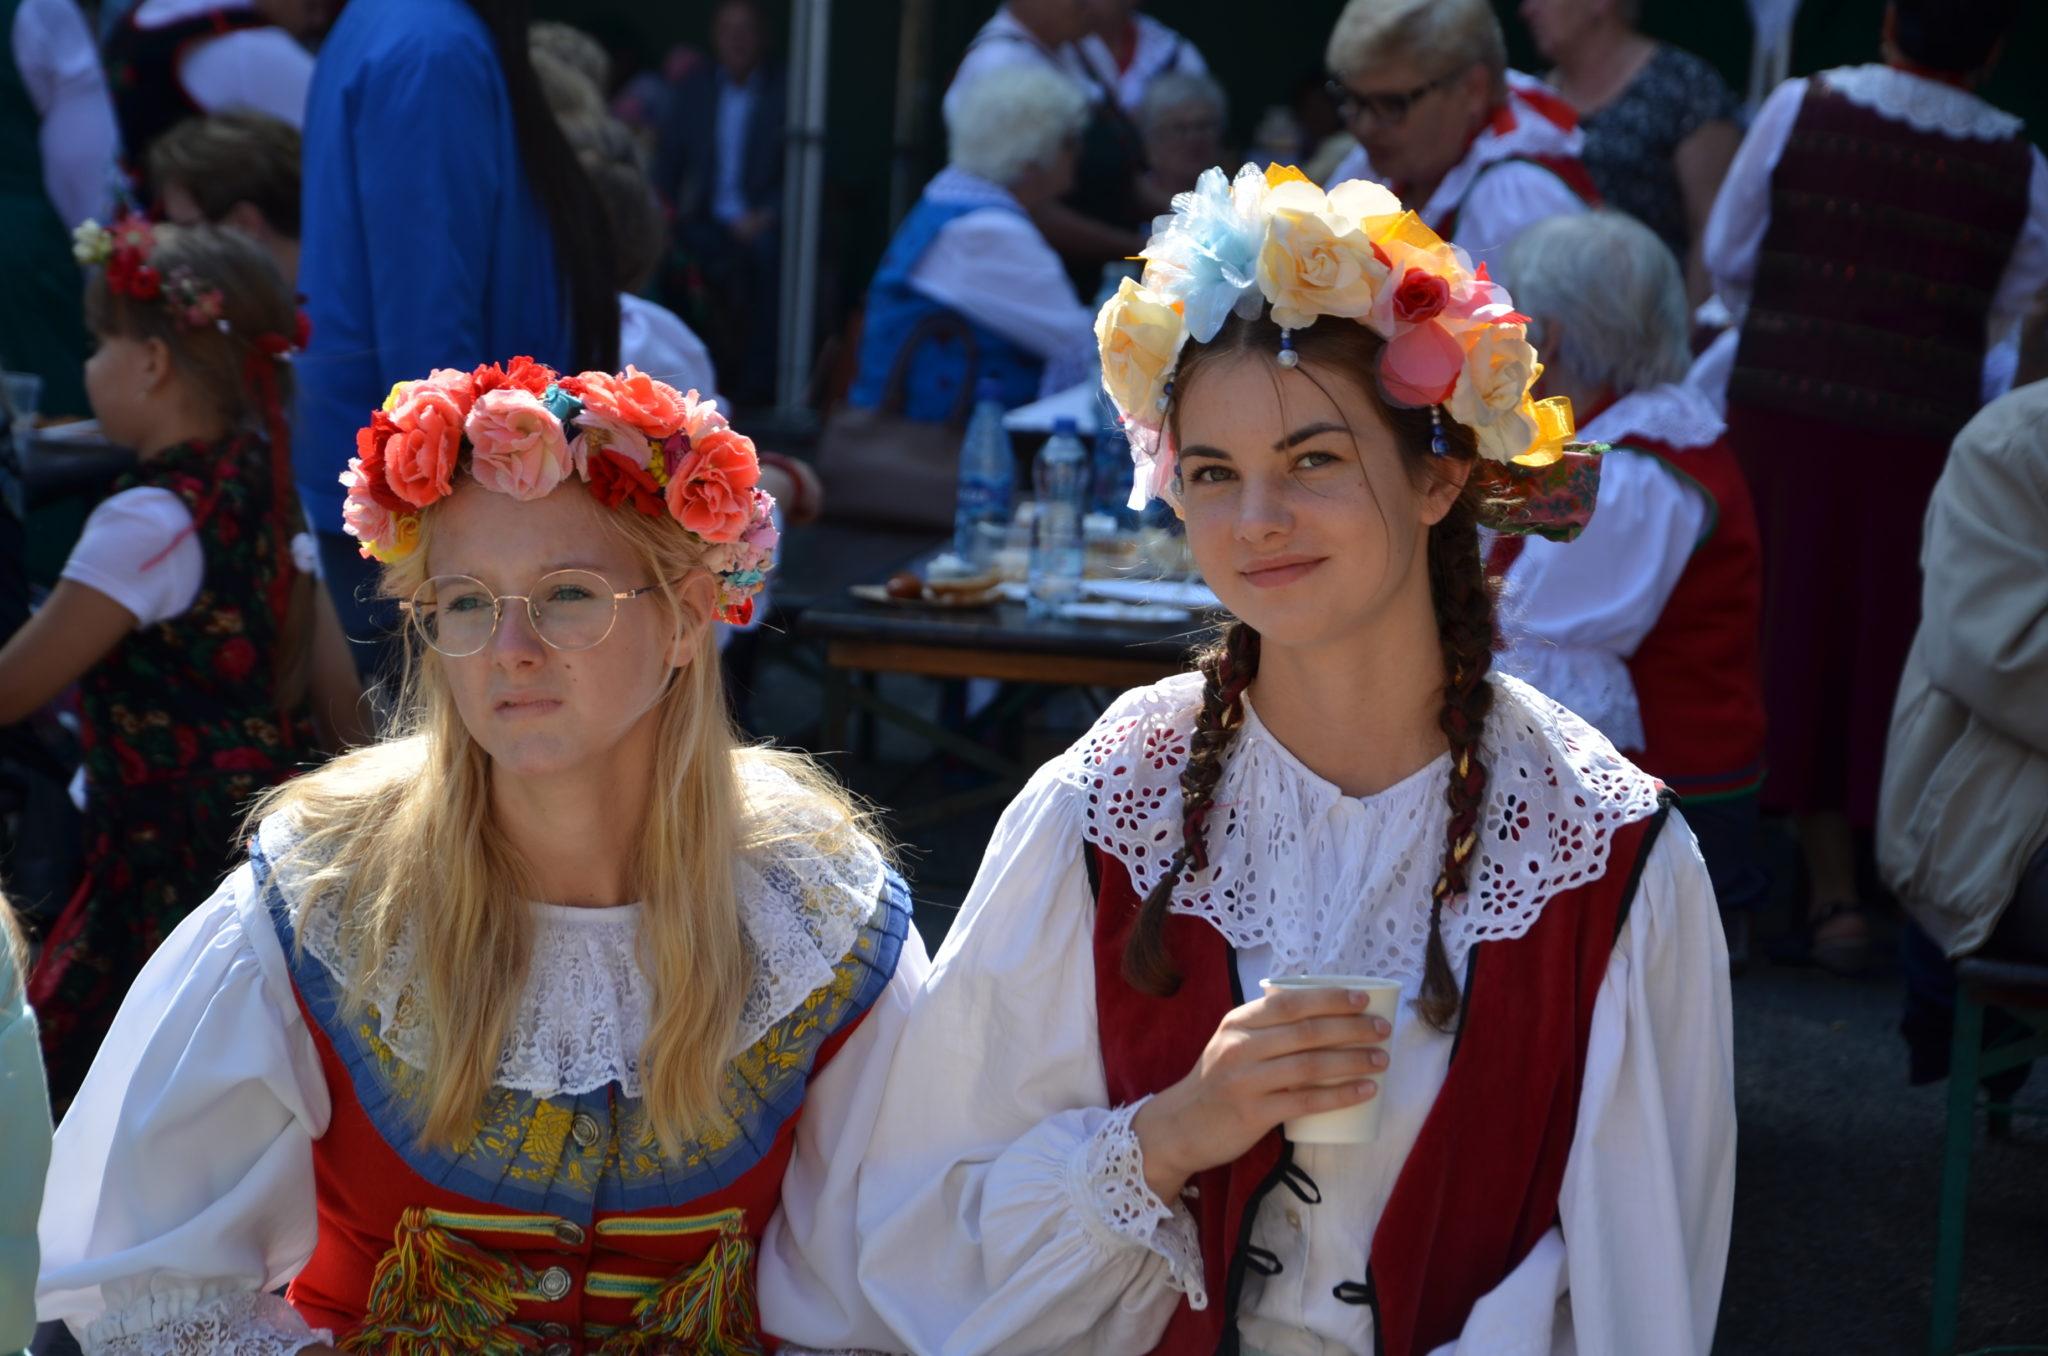 dwie dziewczyny w strojach ludowych, na głowach mają wianki